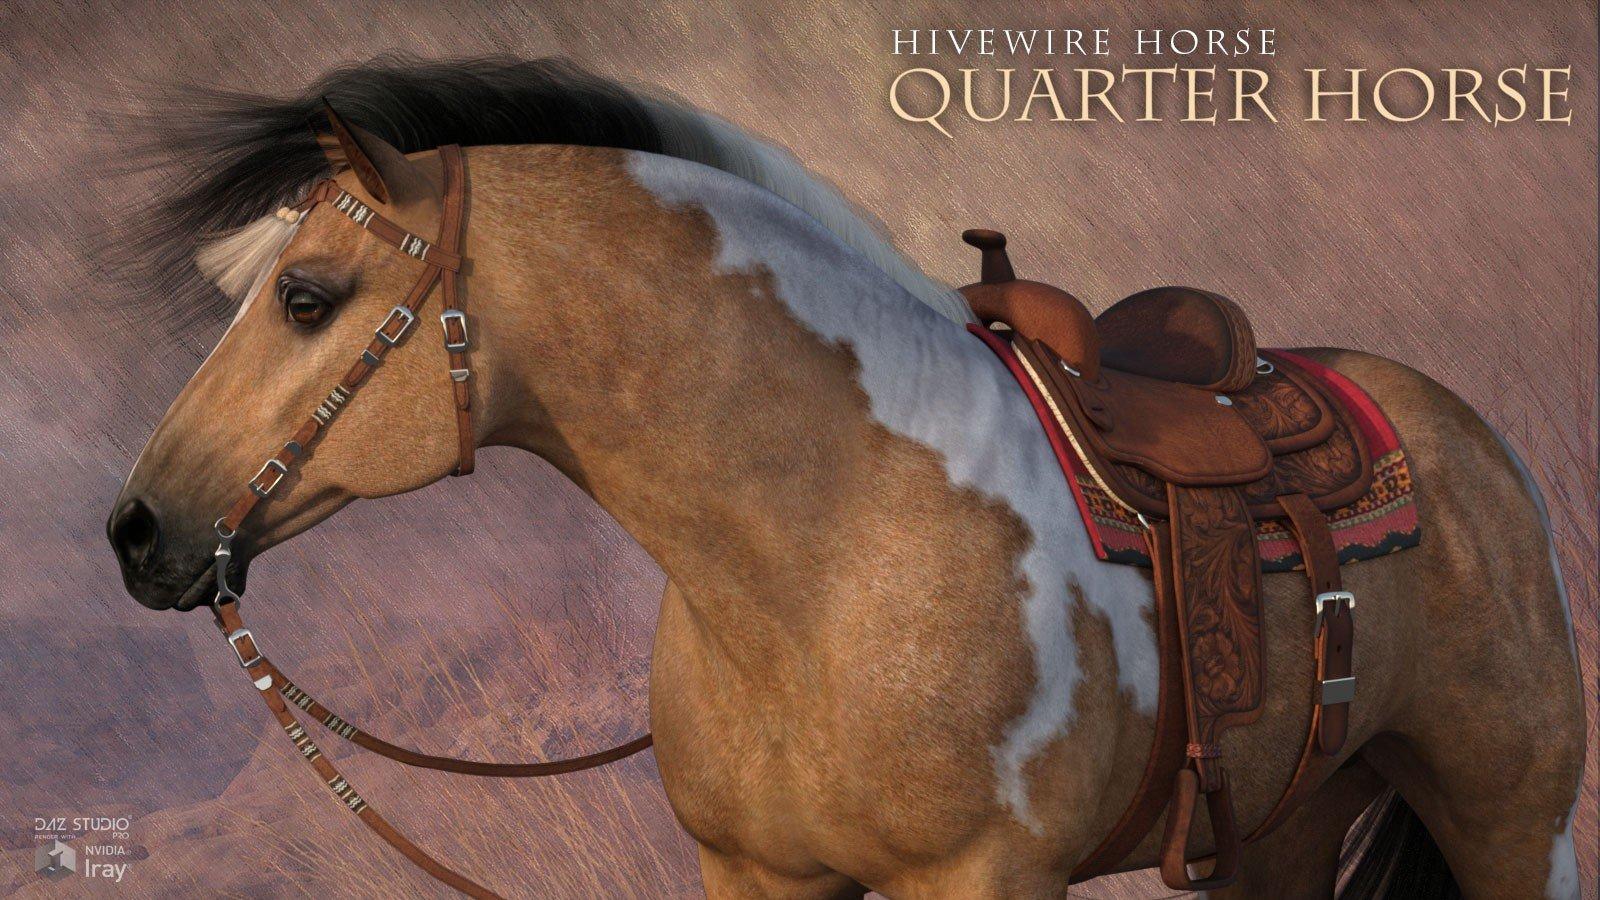 HiveWire Quarter Horse